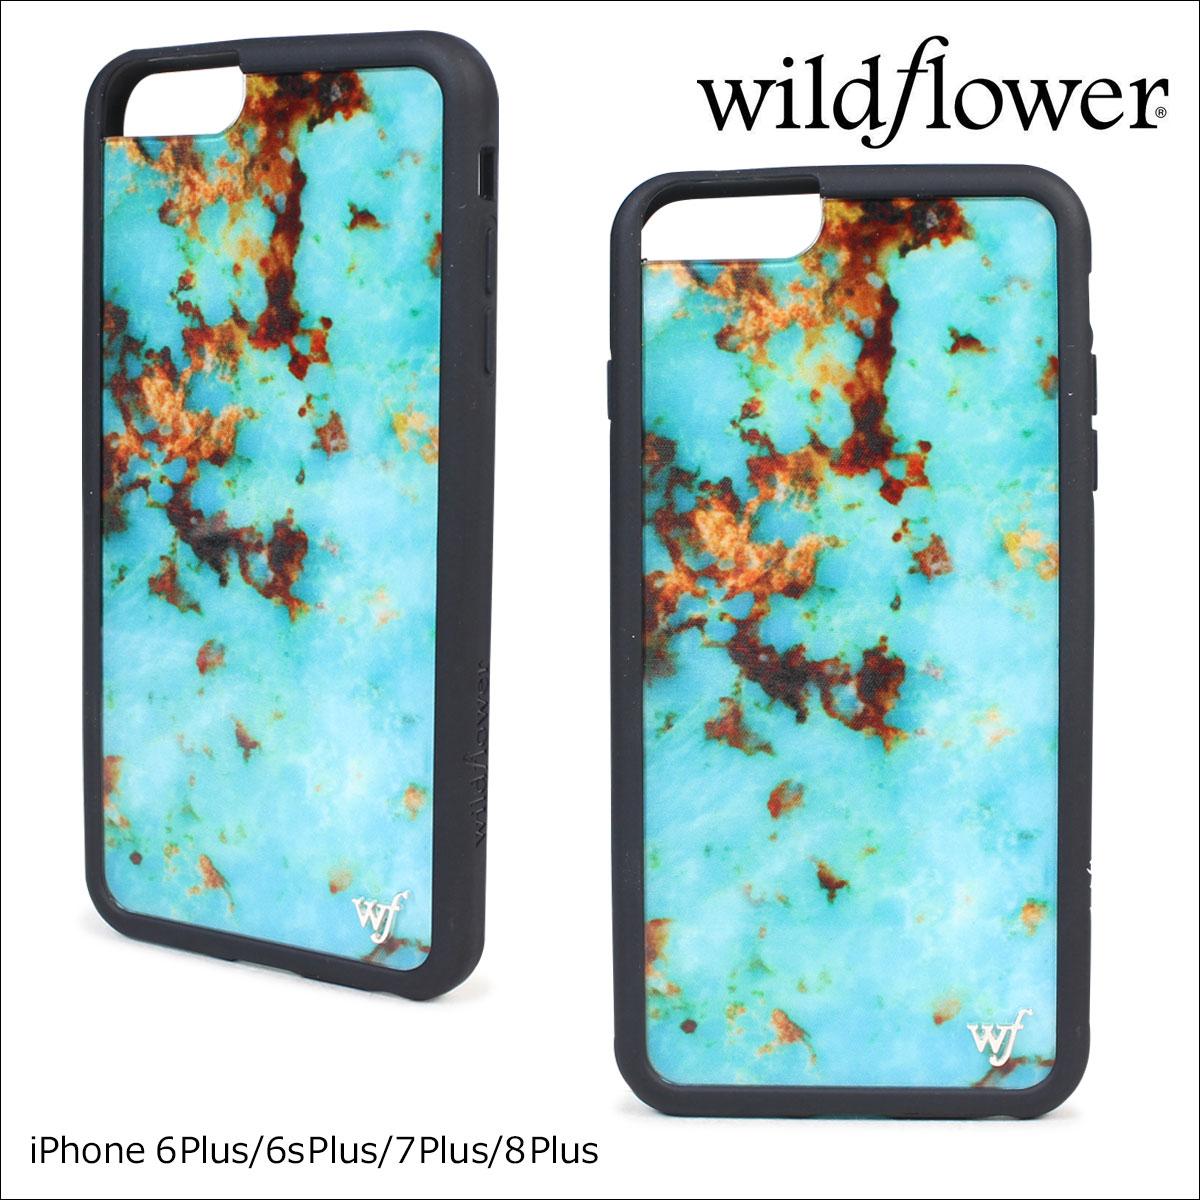 wildflower ワイルドフラワー iPhone8 SE 7 6 6s ケース スマホ 携帯 アイフォン レディース ターコイズ TURQ ネコポス可